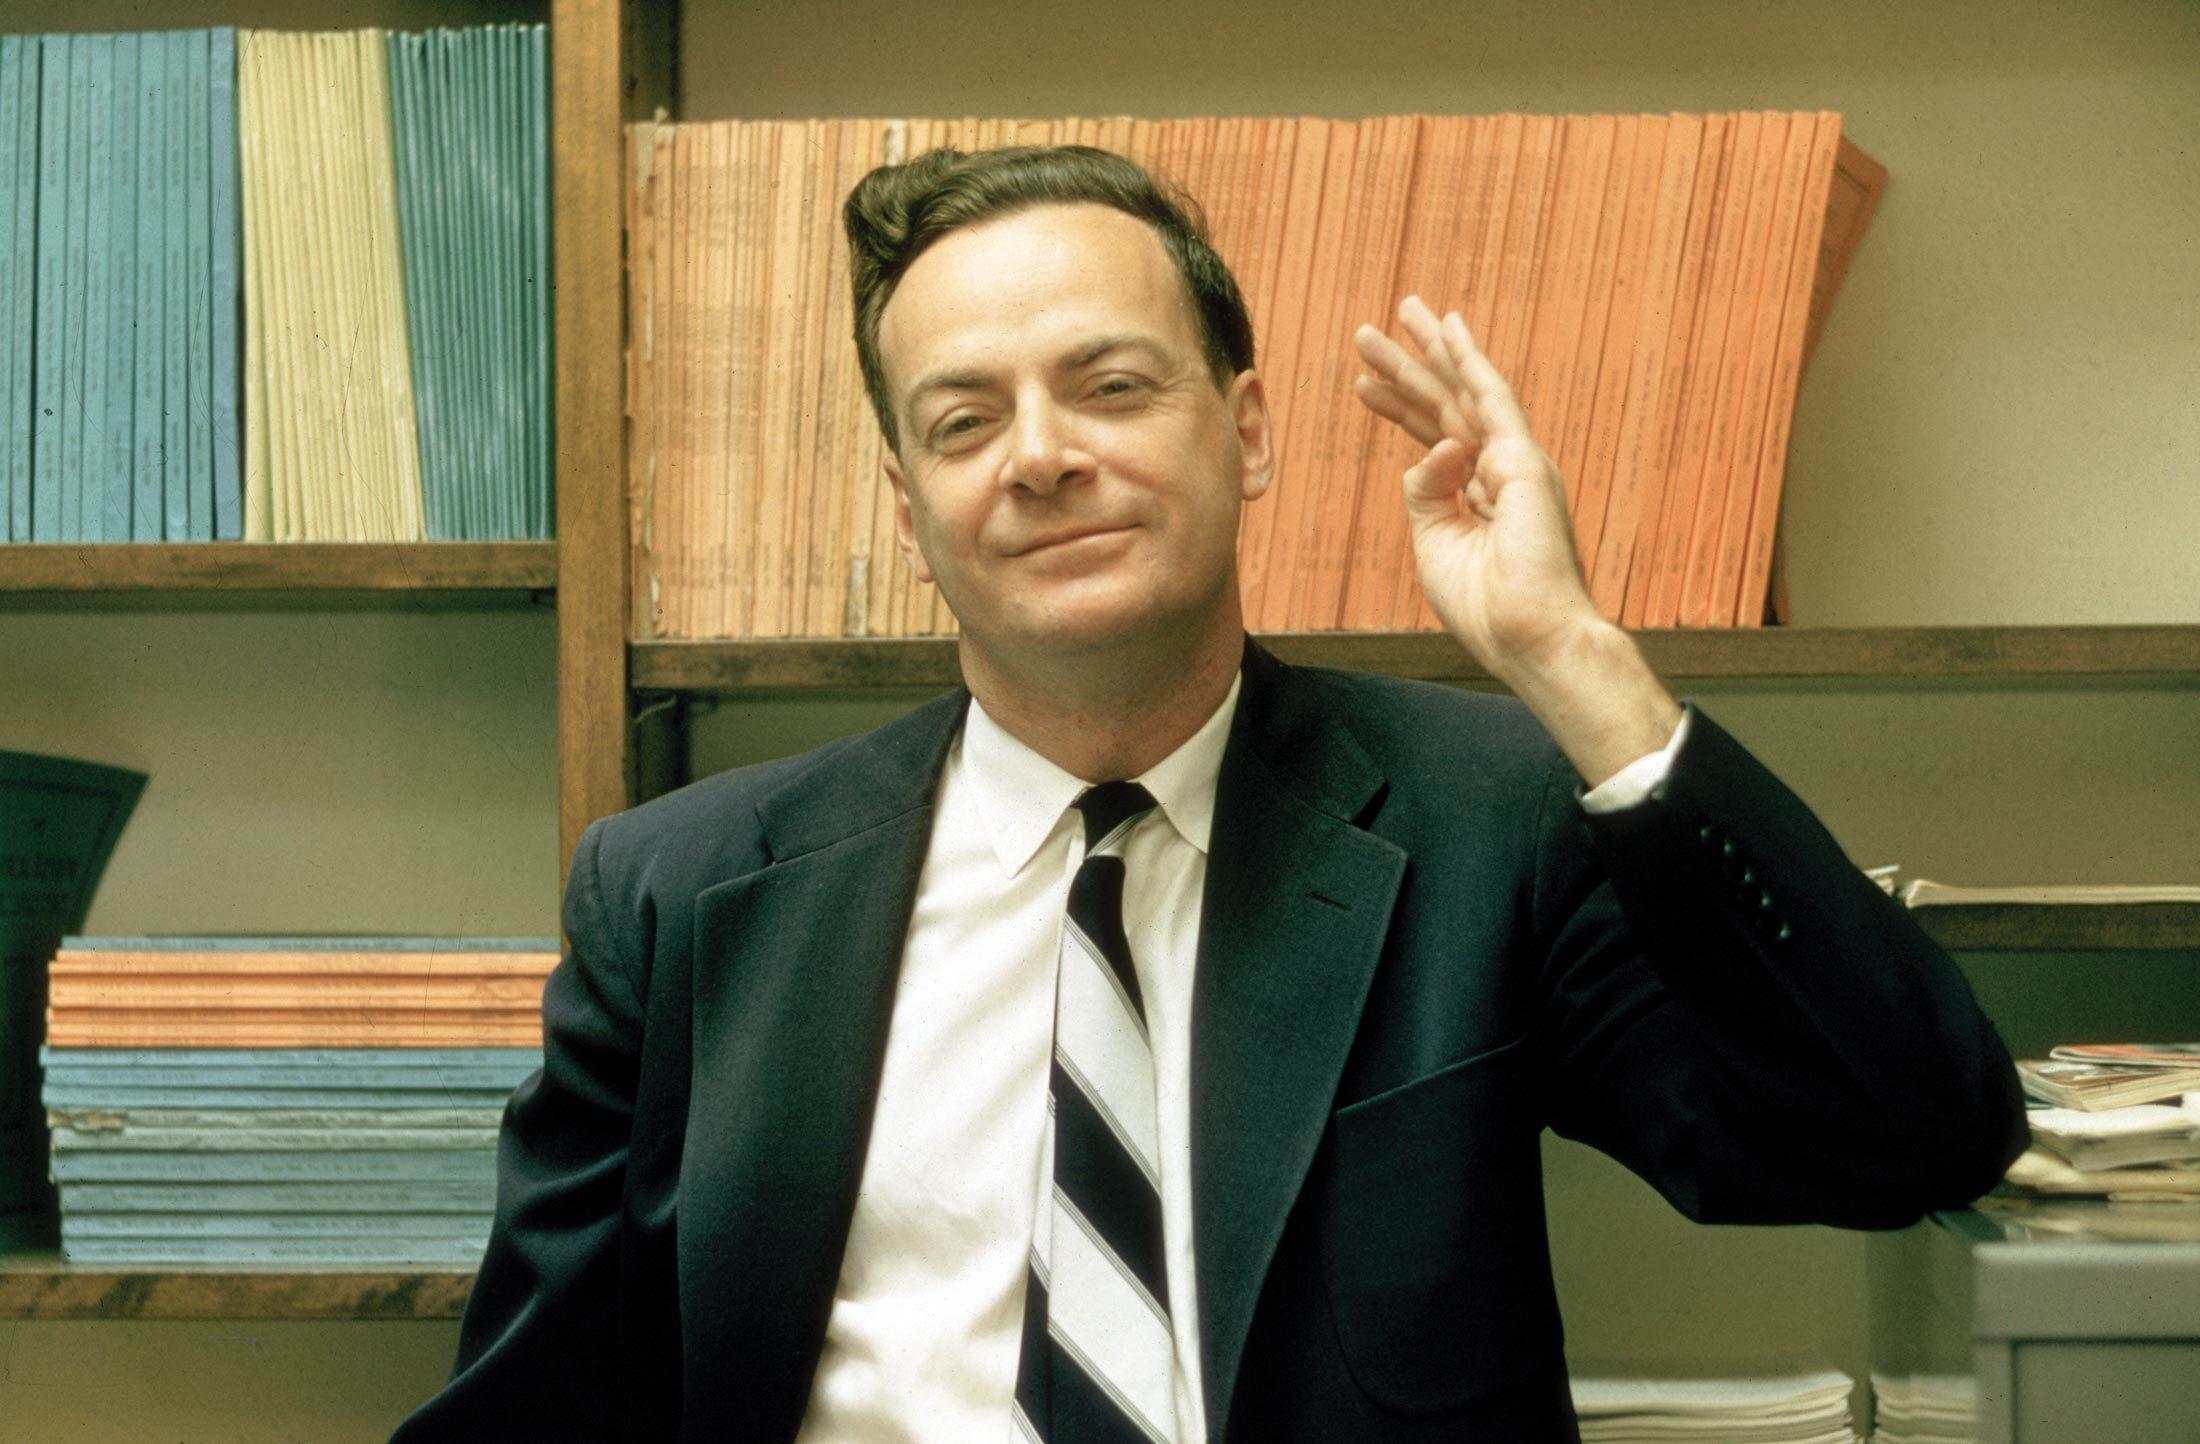 Feynman at 100